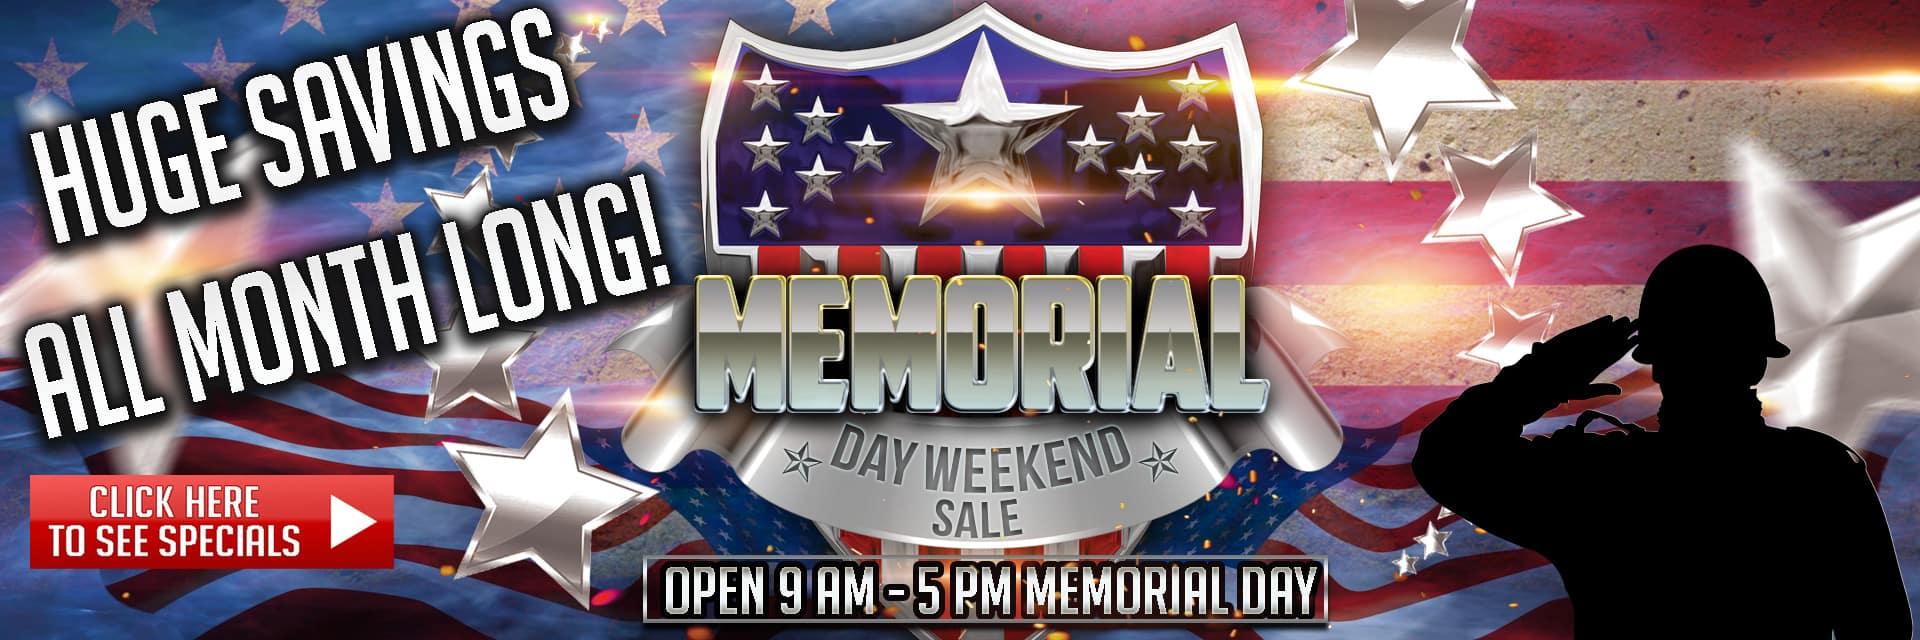 Memorial Day Weekend Sale in Maquoketa IA